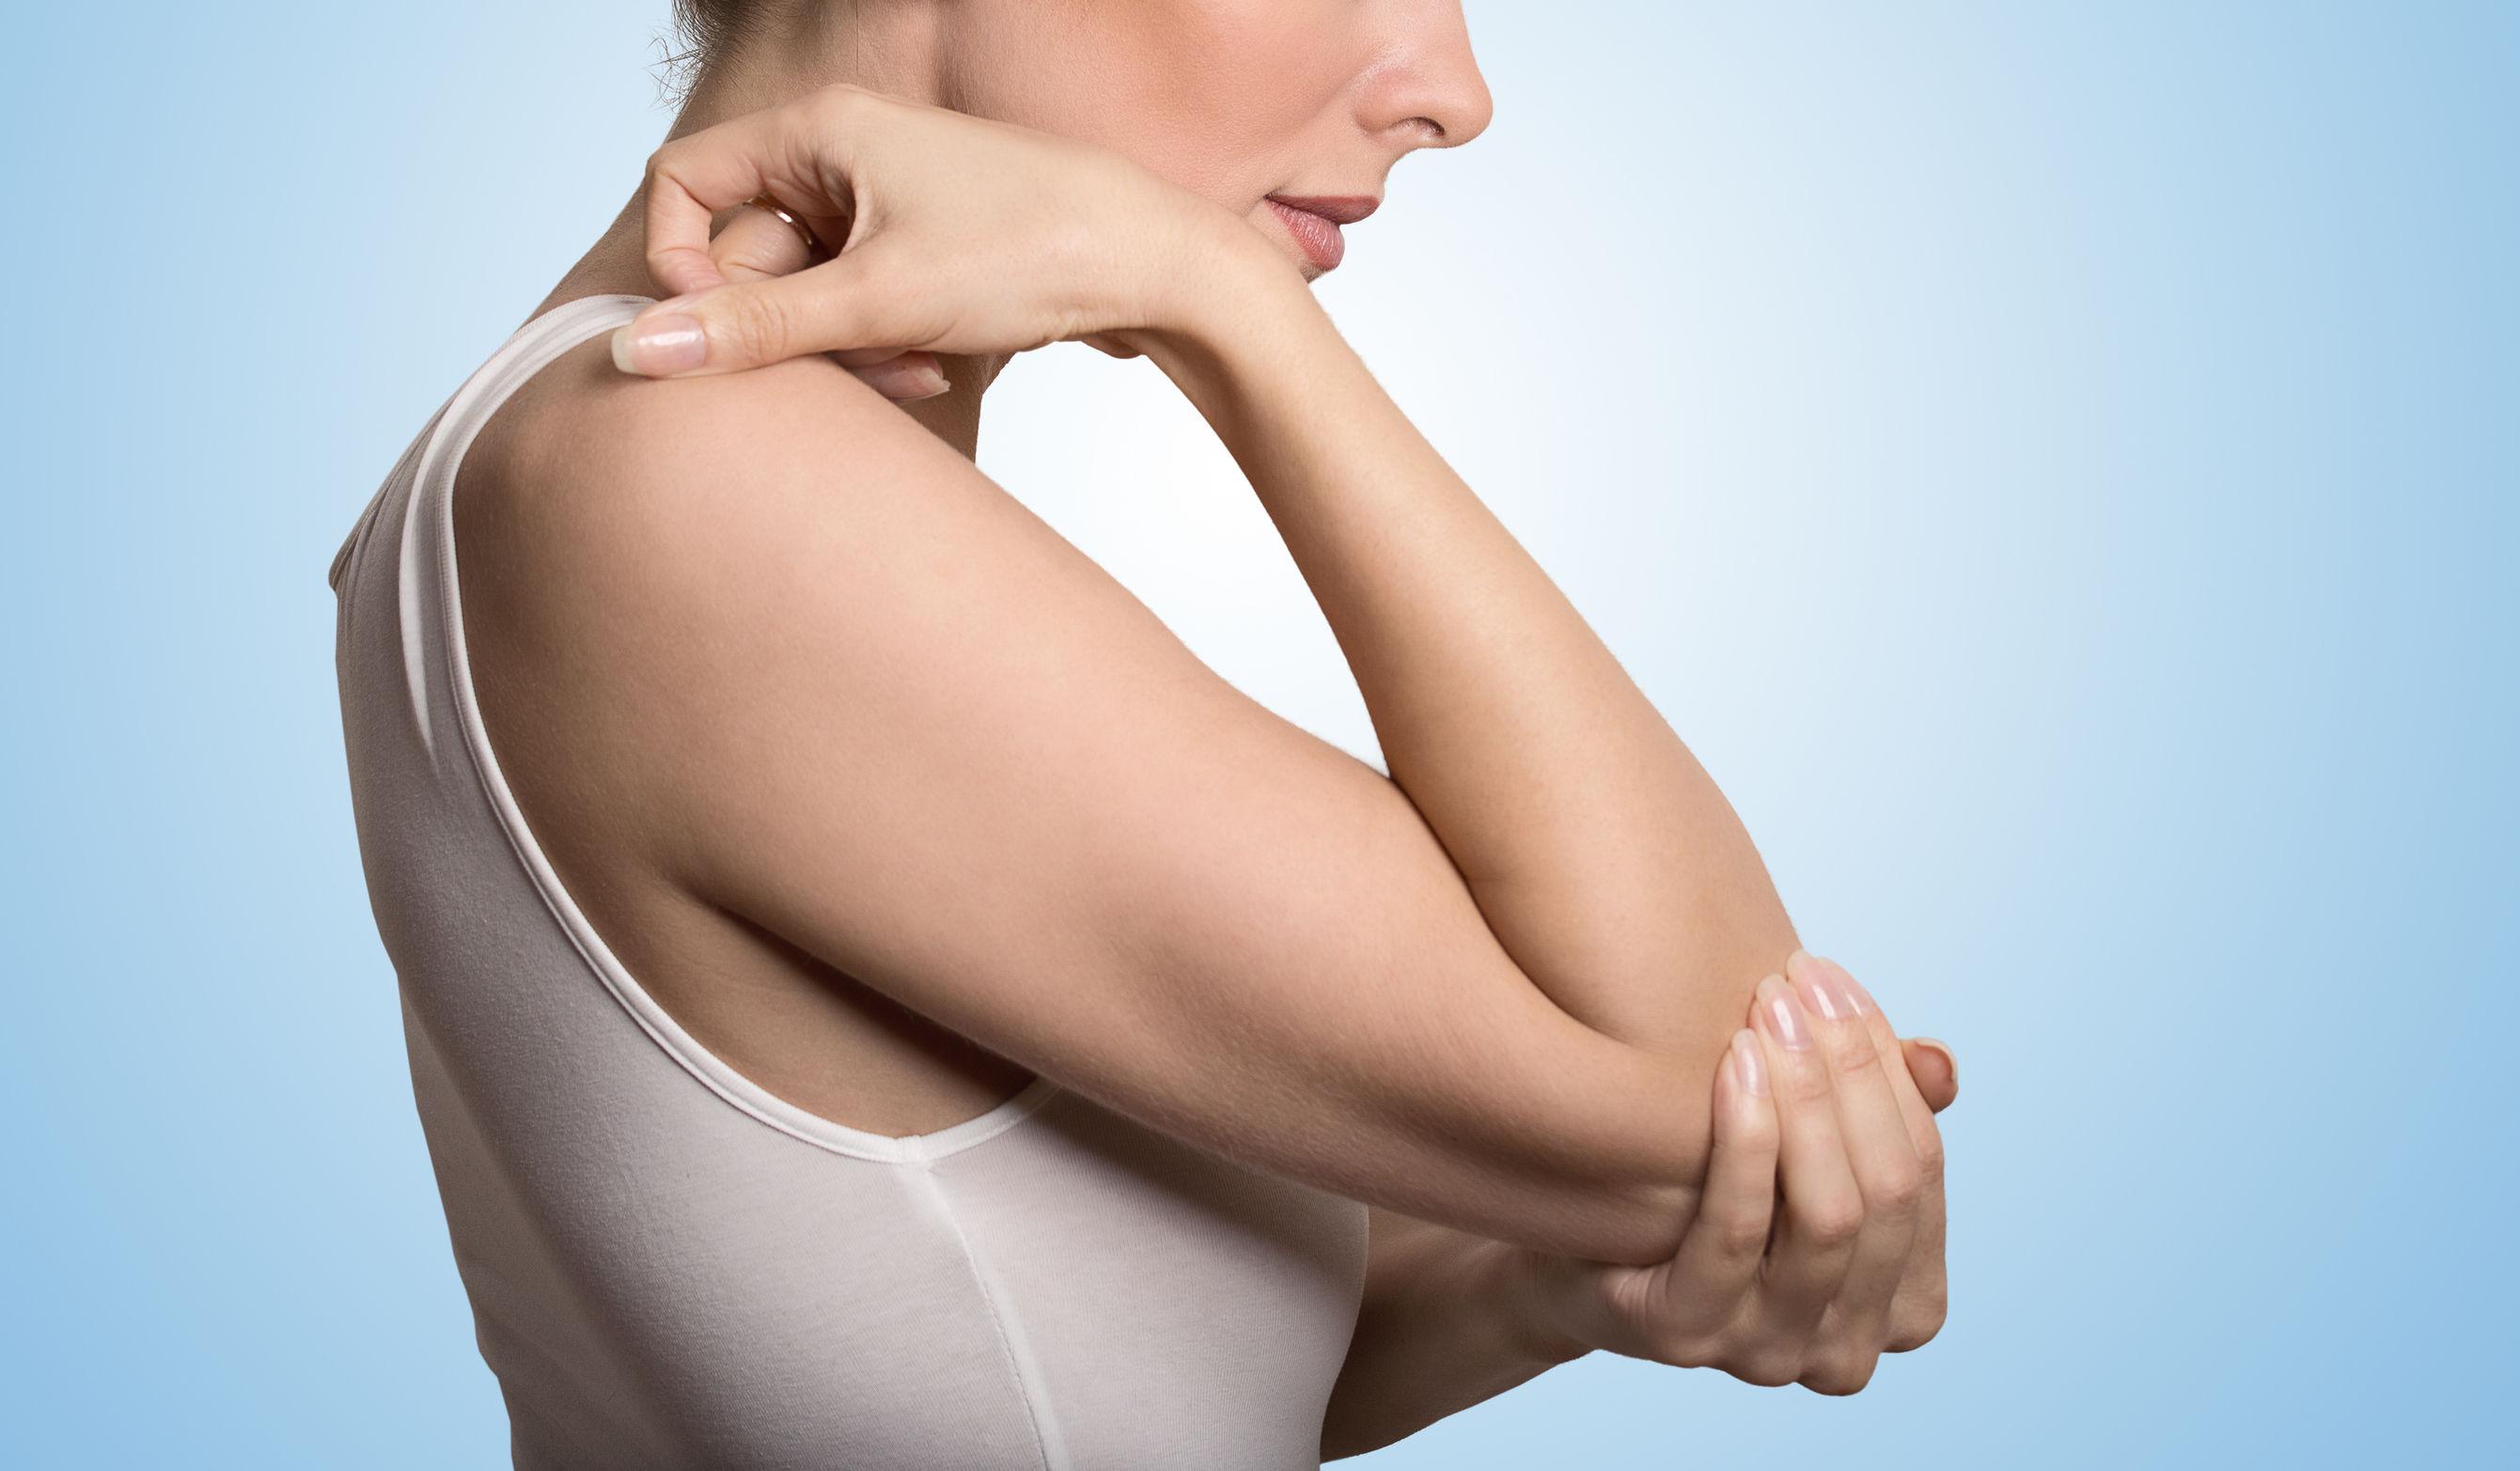 az ízületek fájdalmat okoznak a mononukleózis után